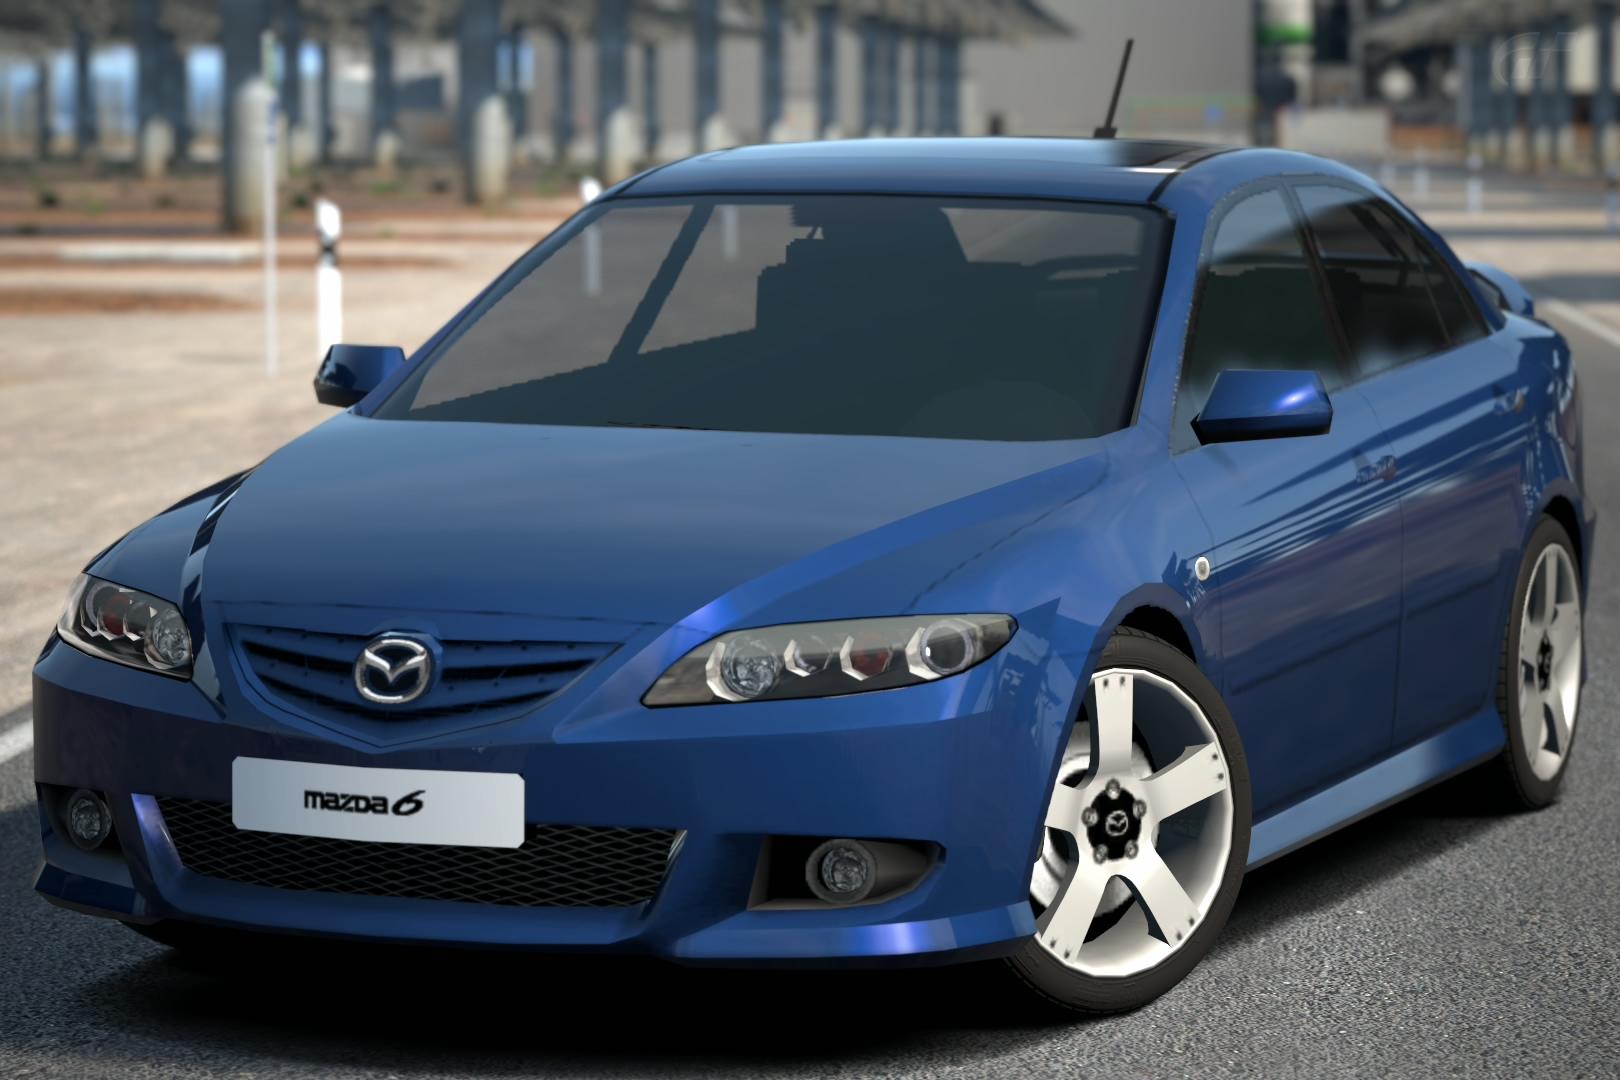 Mazda6 Concept 01 Gran Turismo Wiki Fandom Powered By